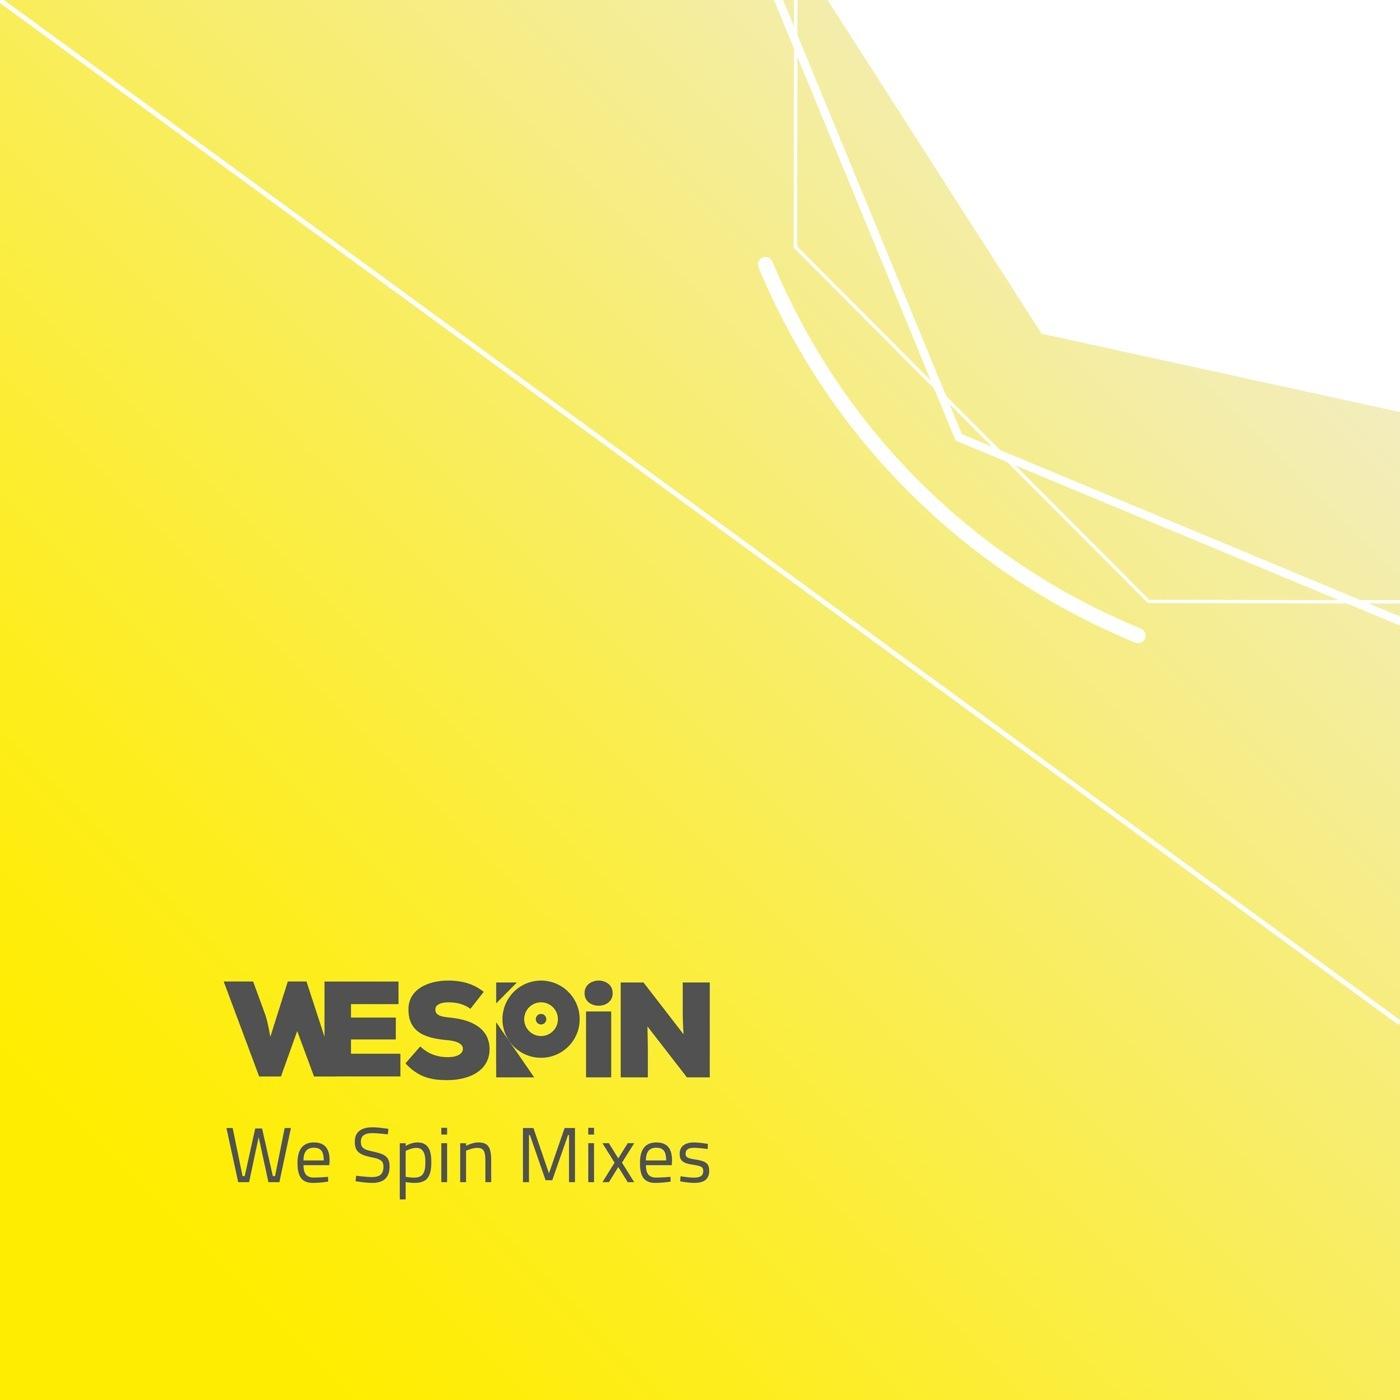 WeSpin Mixes